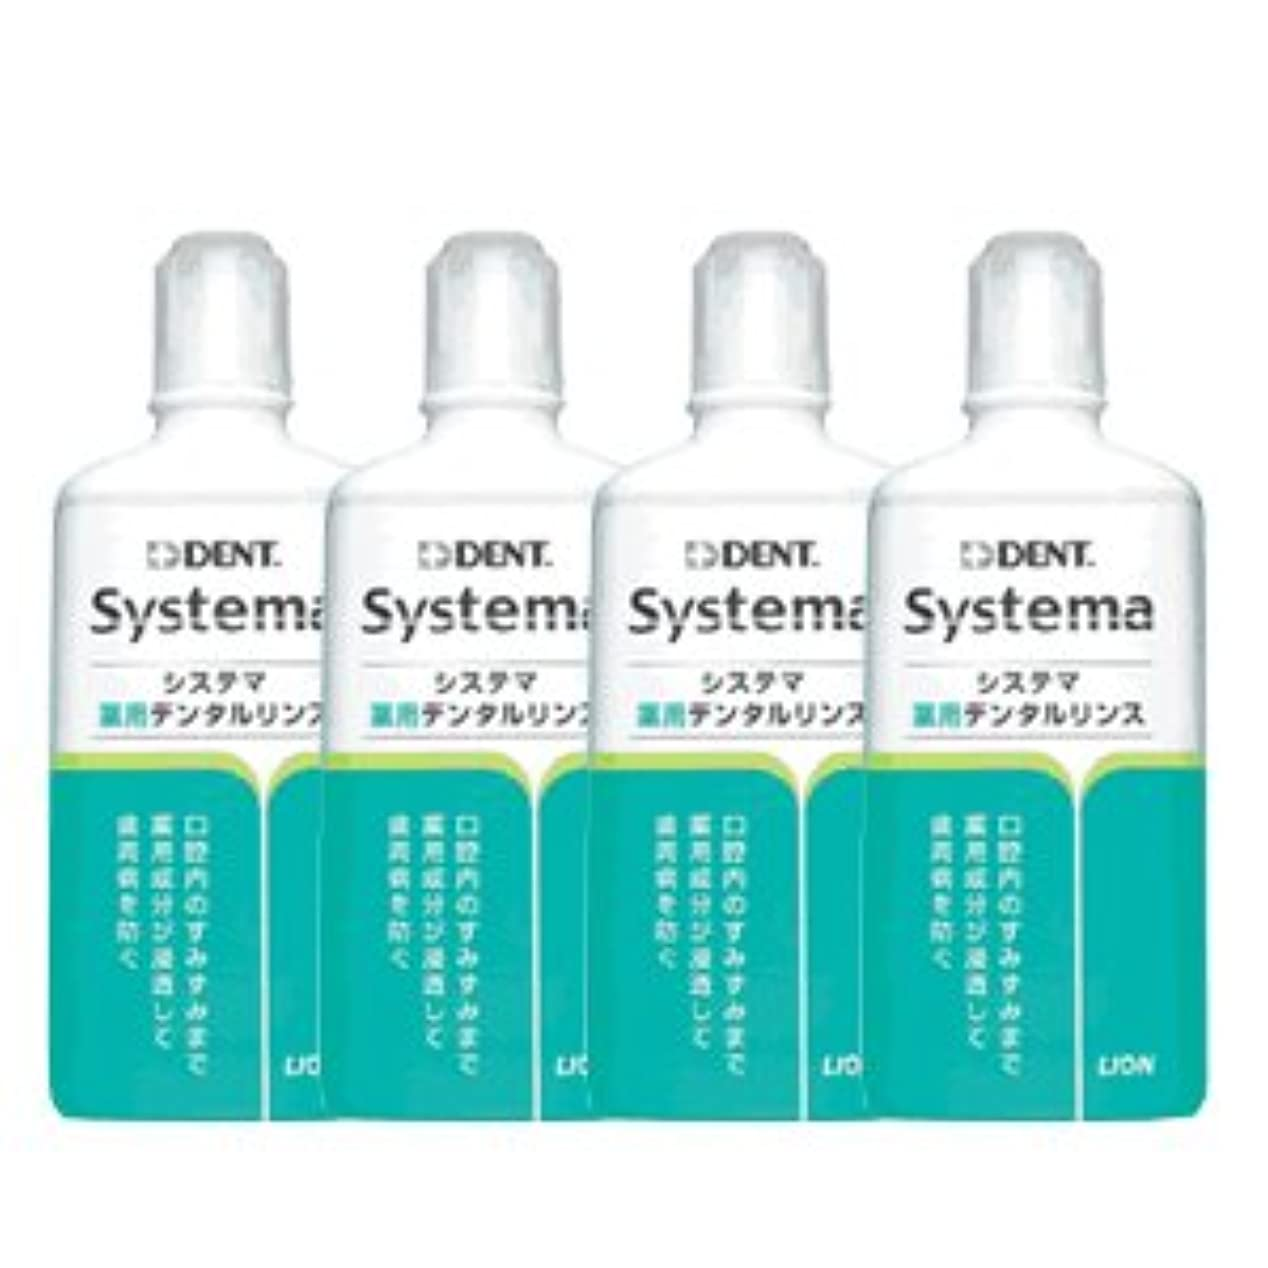 洗う追い越す先にライオン システマ 薬用 デンタルリンス 450ml レギュラータイプ 4本セット 医薬部外品